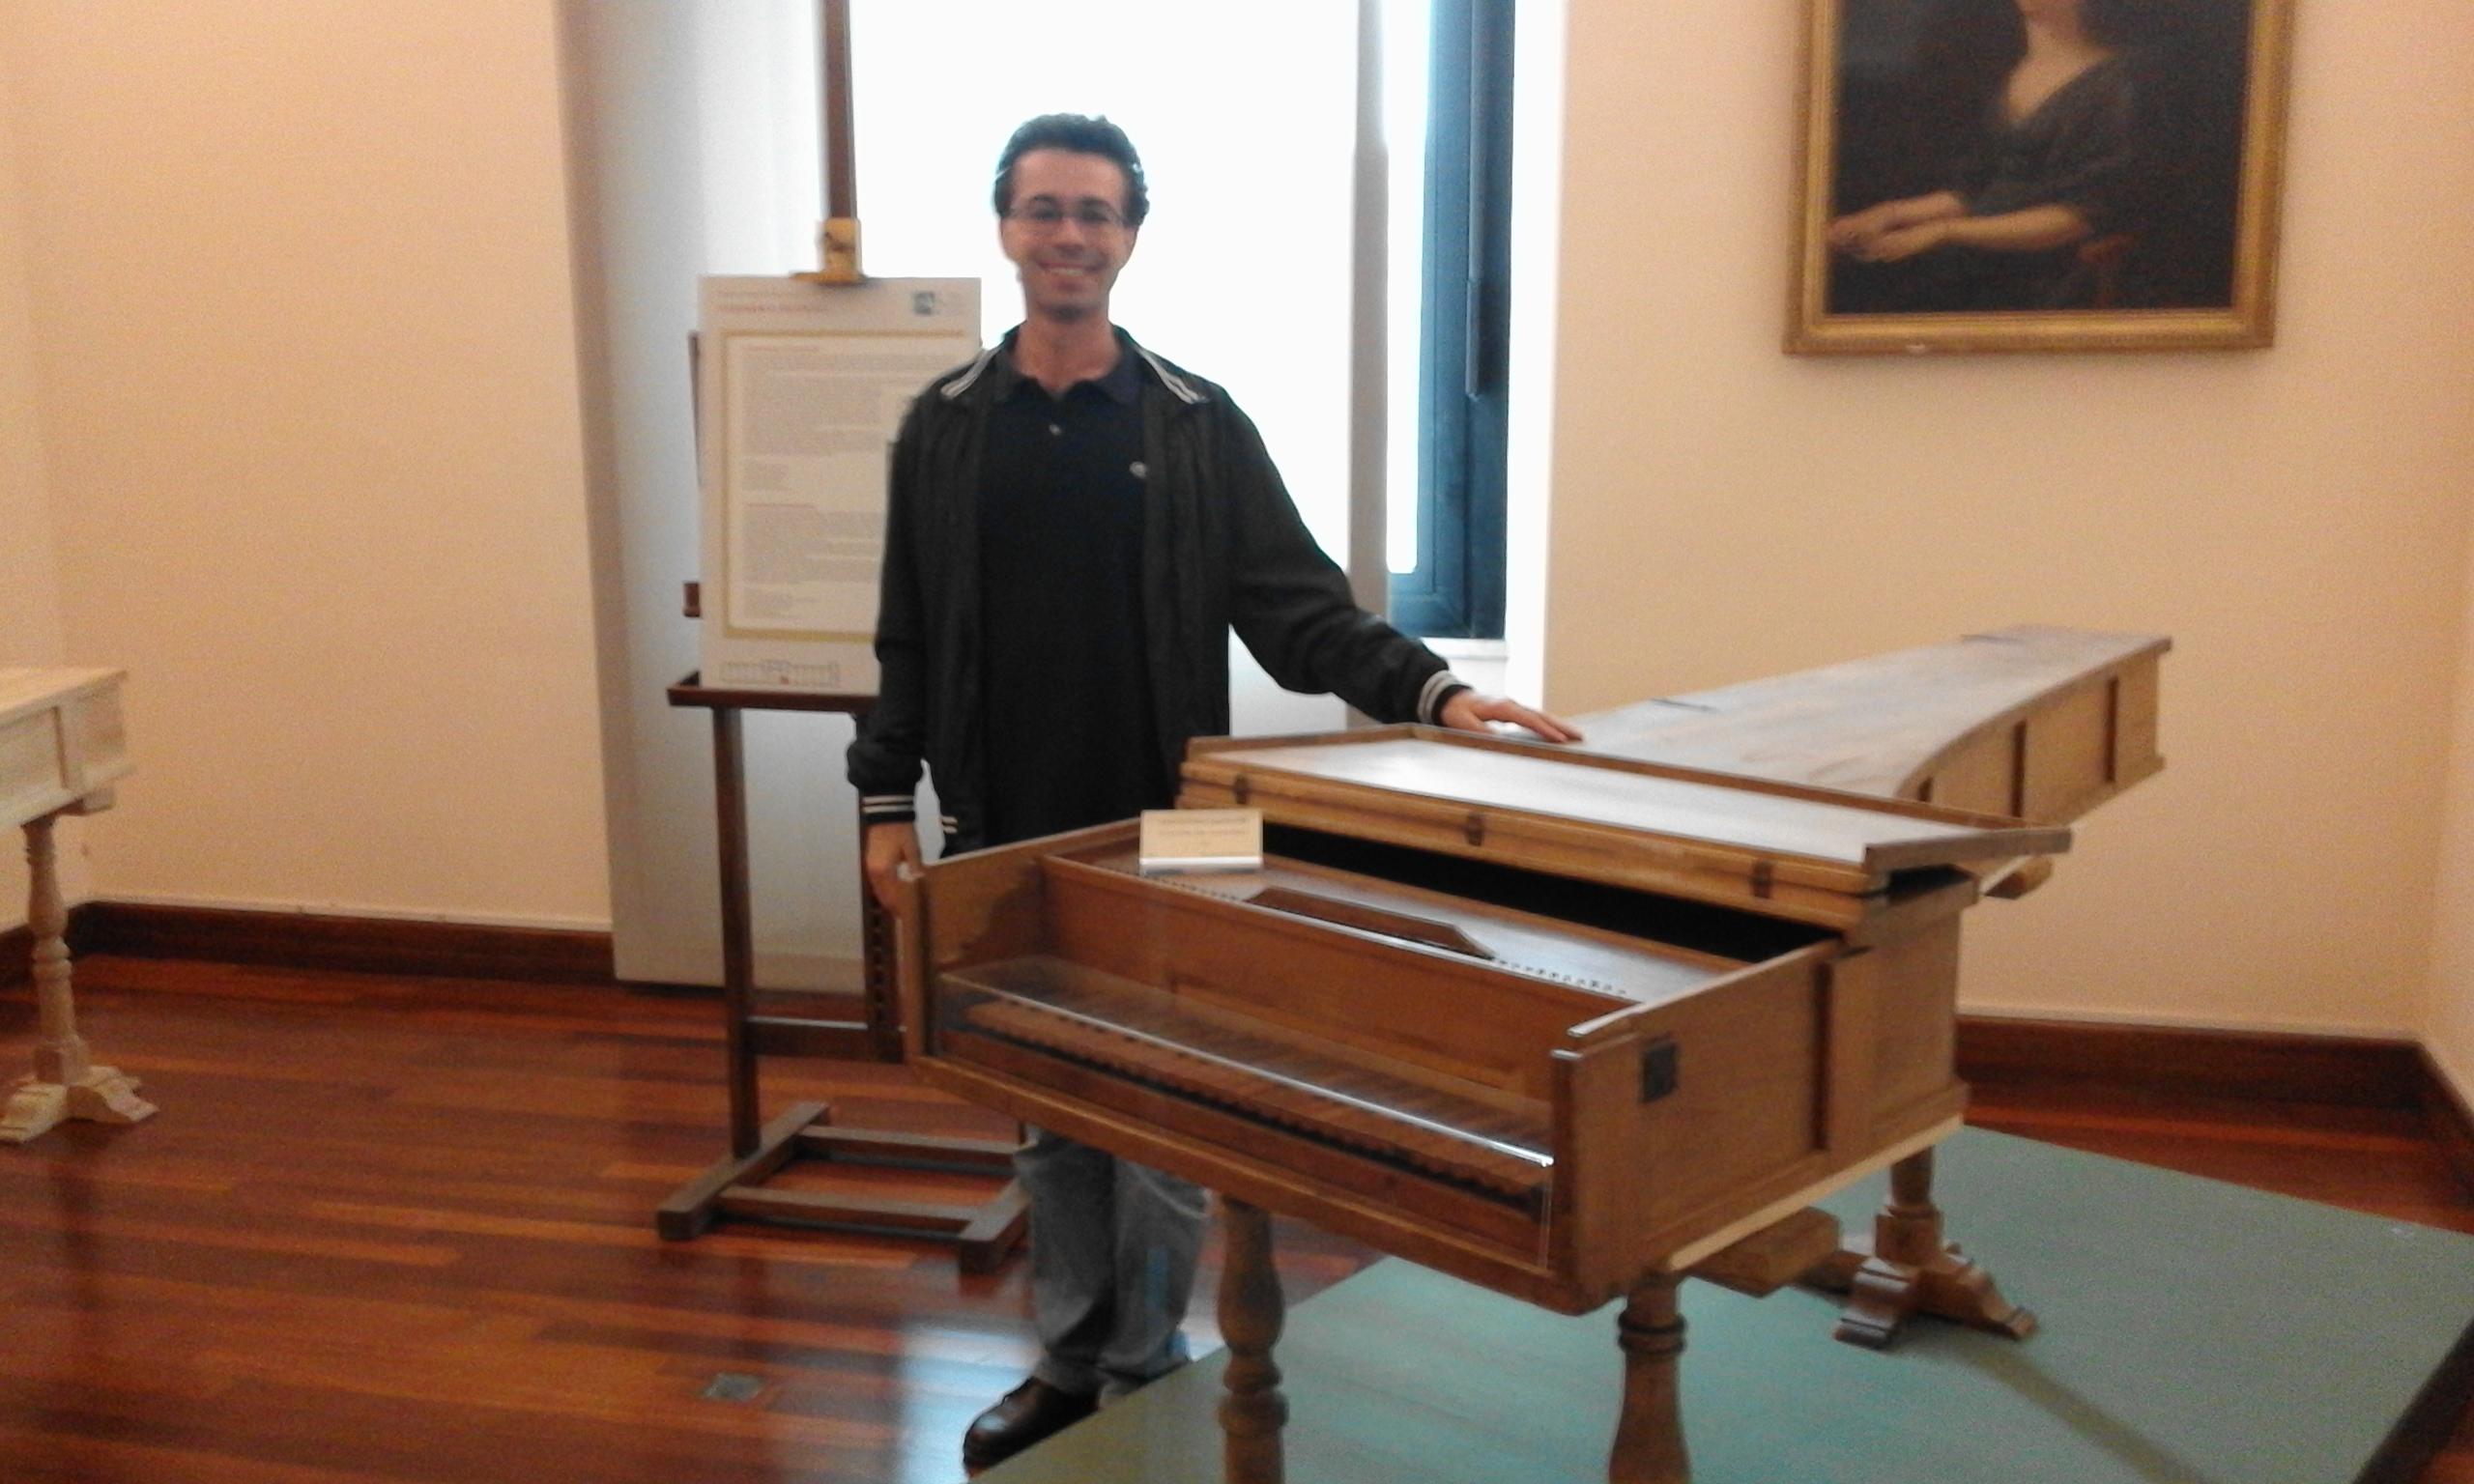 Guide privé Adel Karanov - Musée des instruments de musique de Rome